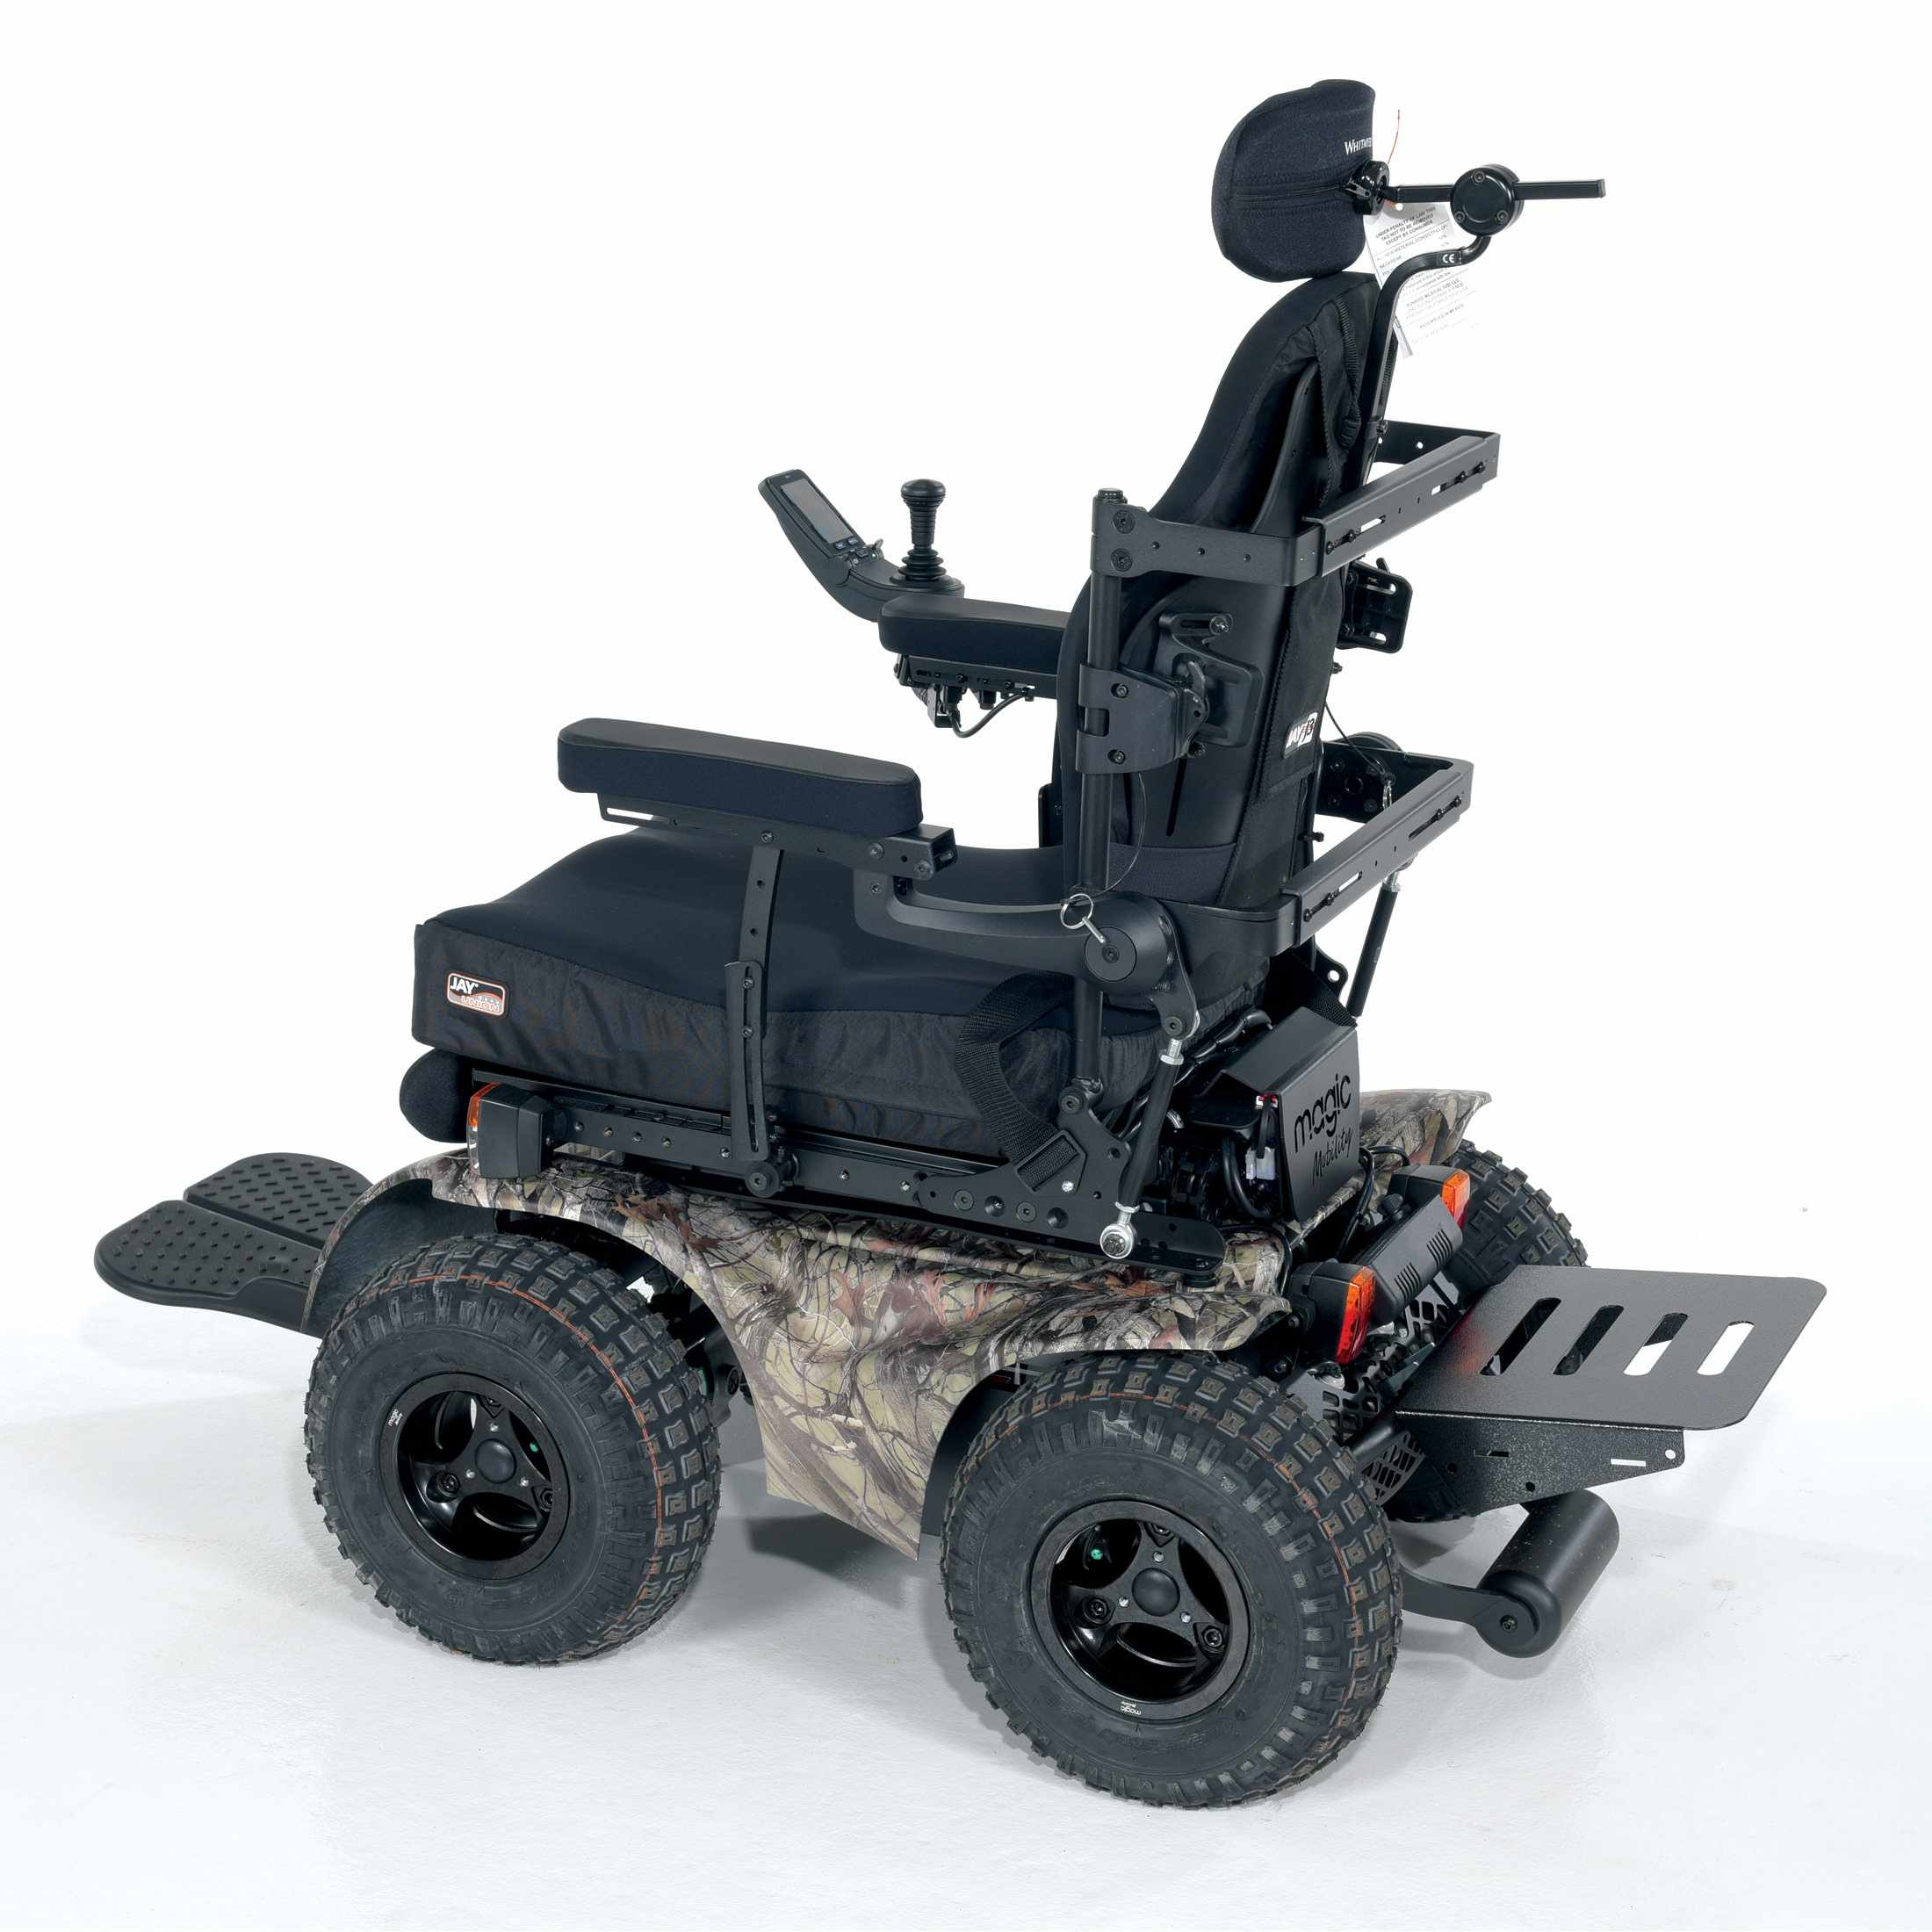 Magic Mobility Extreme X8 4X4 All Terrain Wheelchair